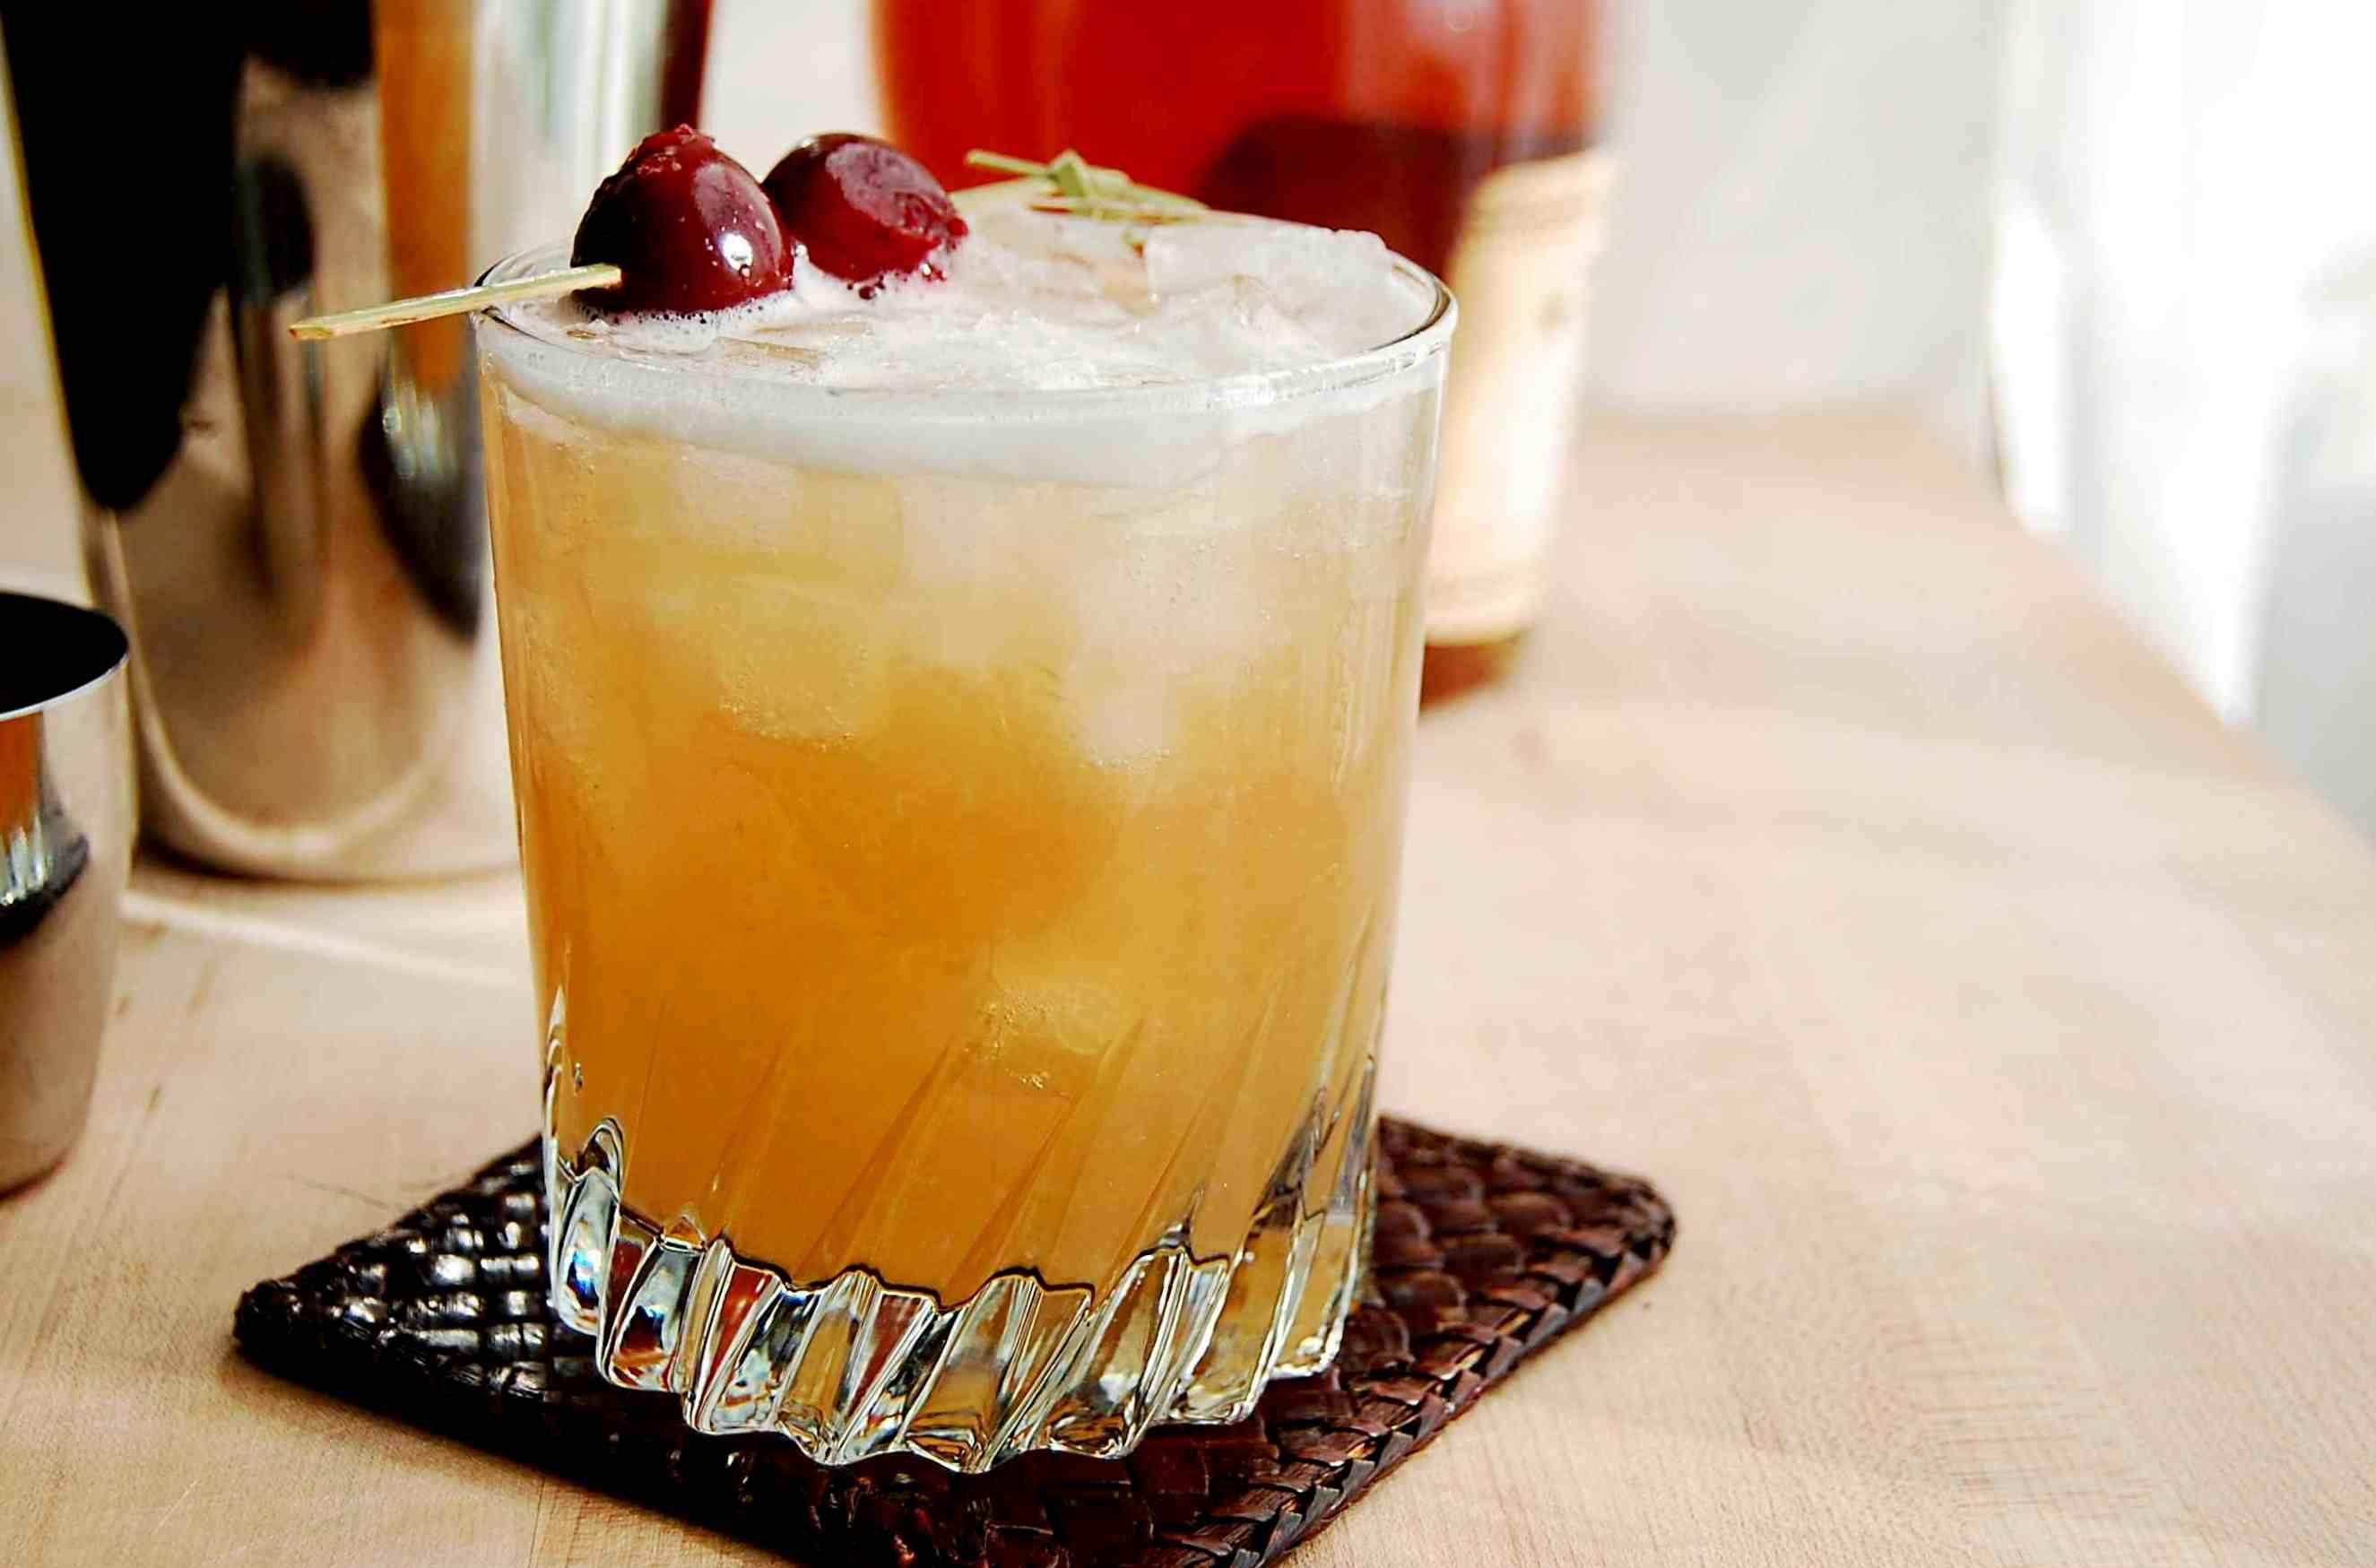 Методы приготовления коктейлей: билд, стир, шейк, бленд…